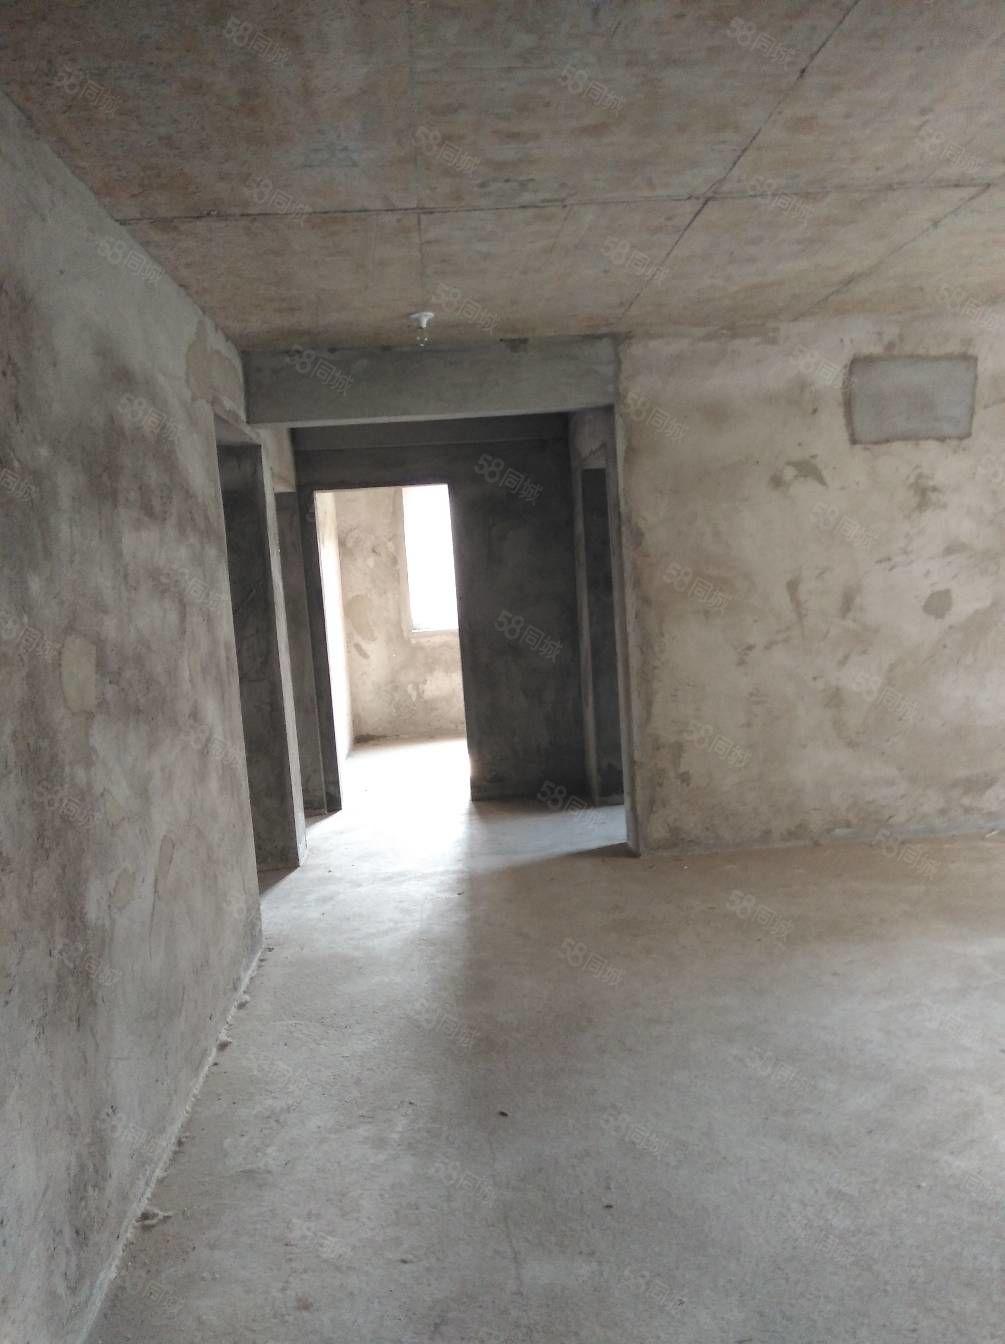 佳和小区楼房三室一厅对外出租。